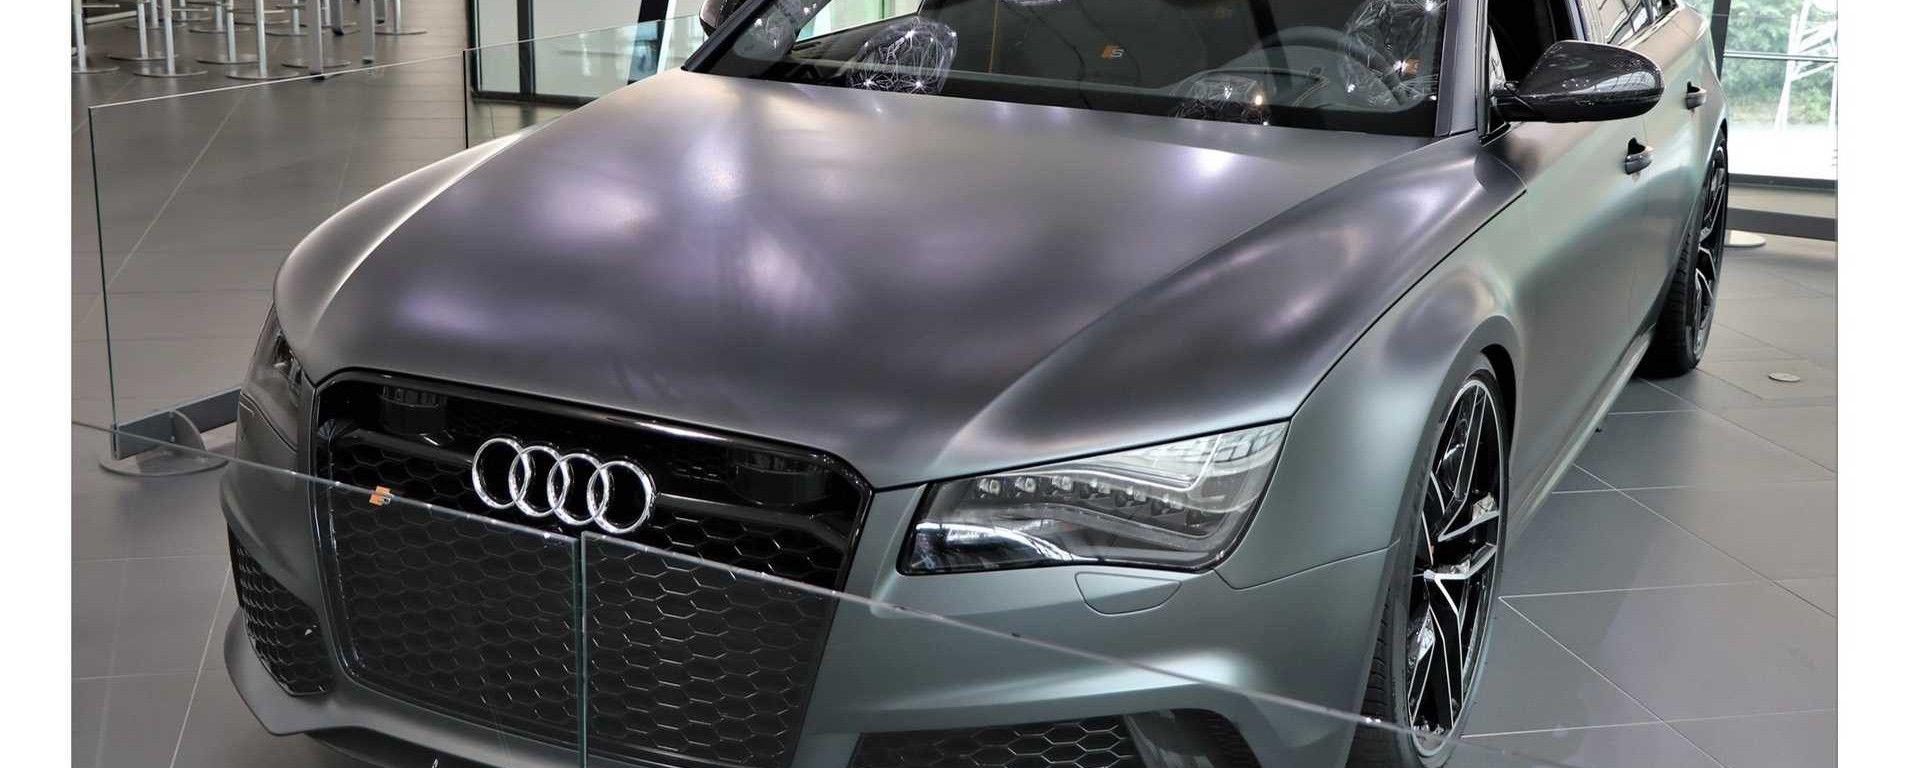 Audi RS8: da fuori